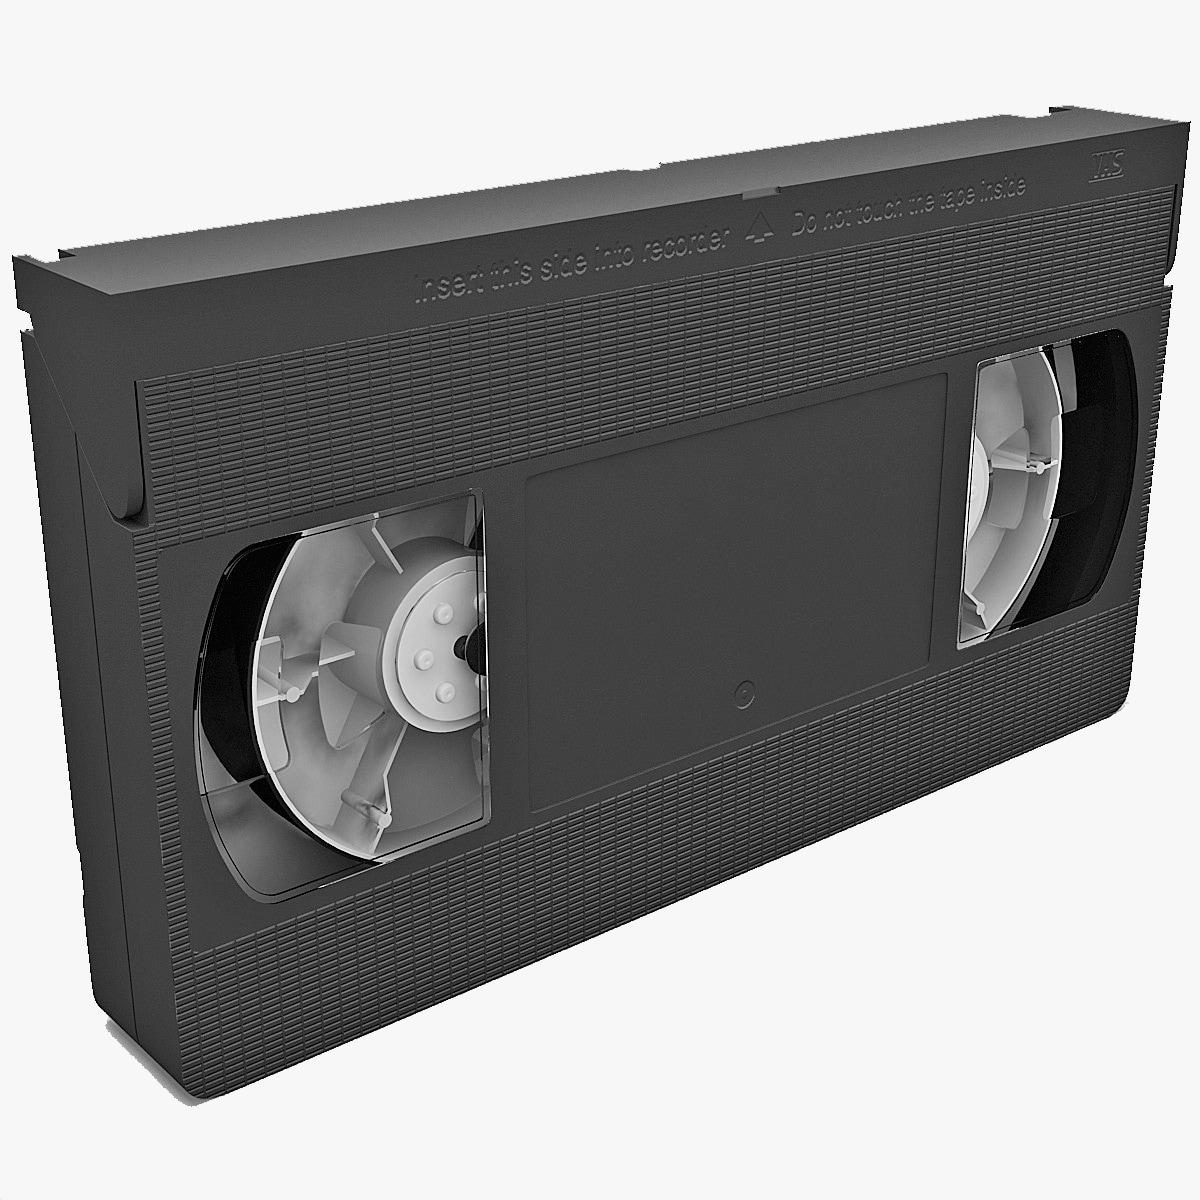 VHSCassette_1.jpg